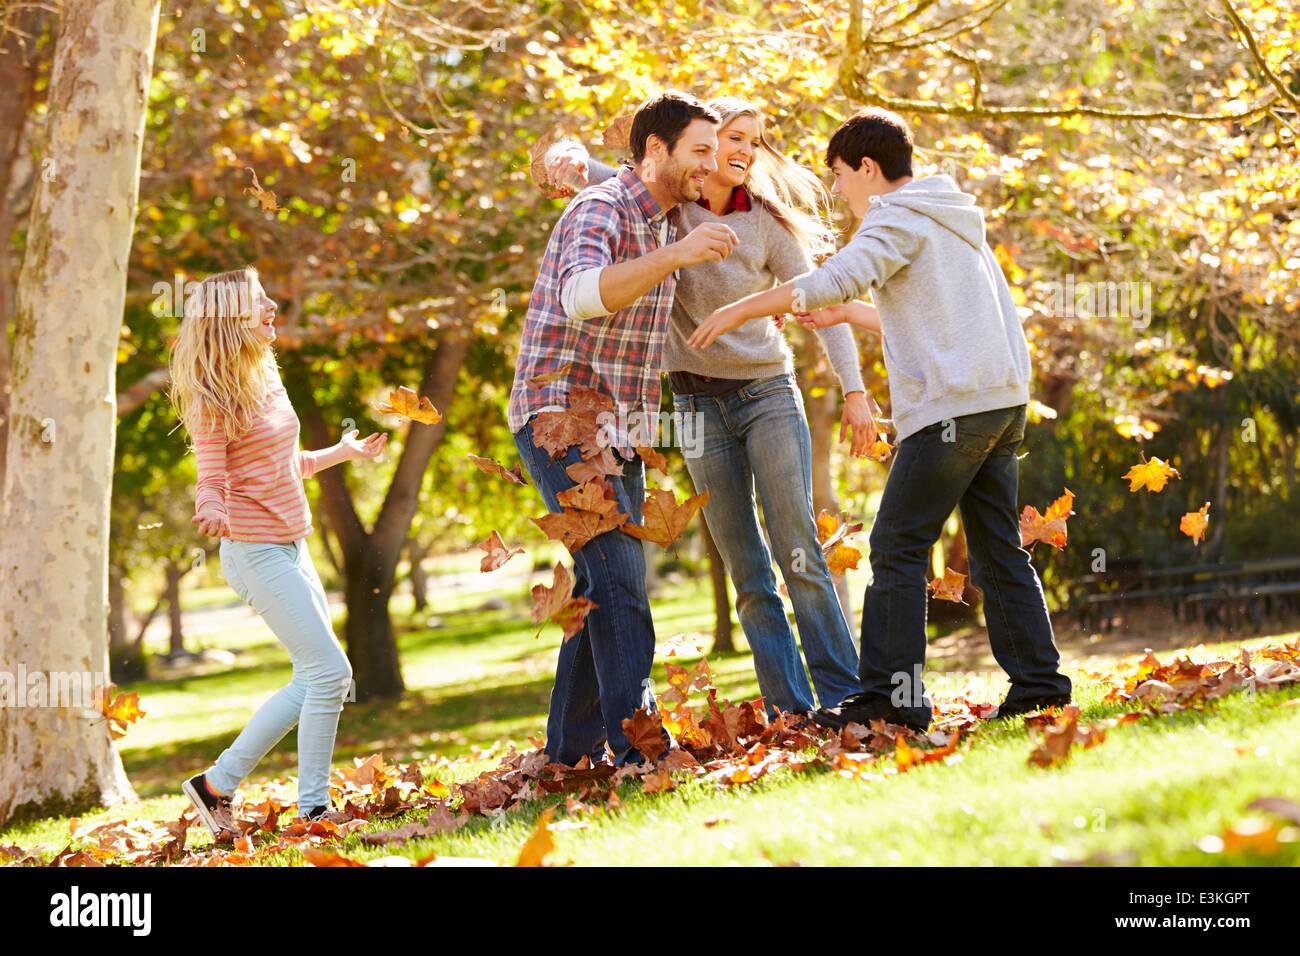 Familia lanzando hojas de otoño en el aire Imagen De Stock